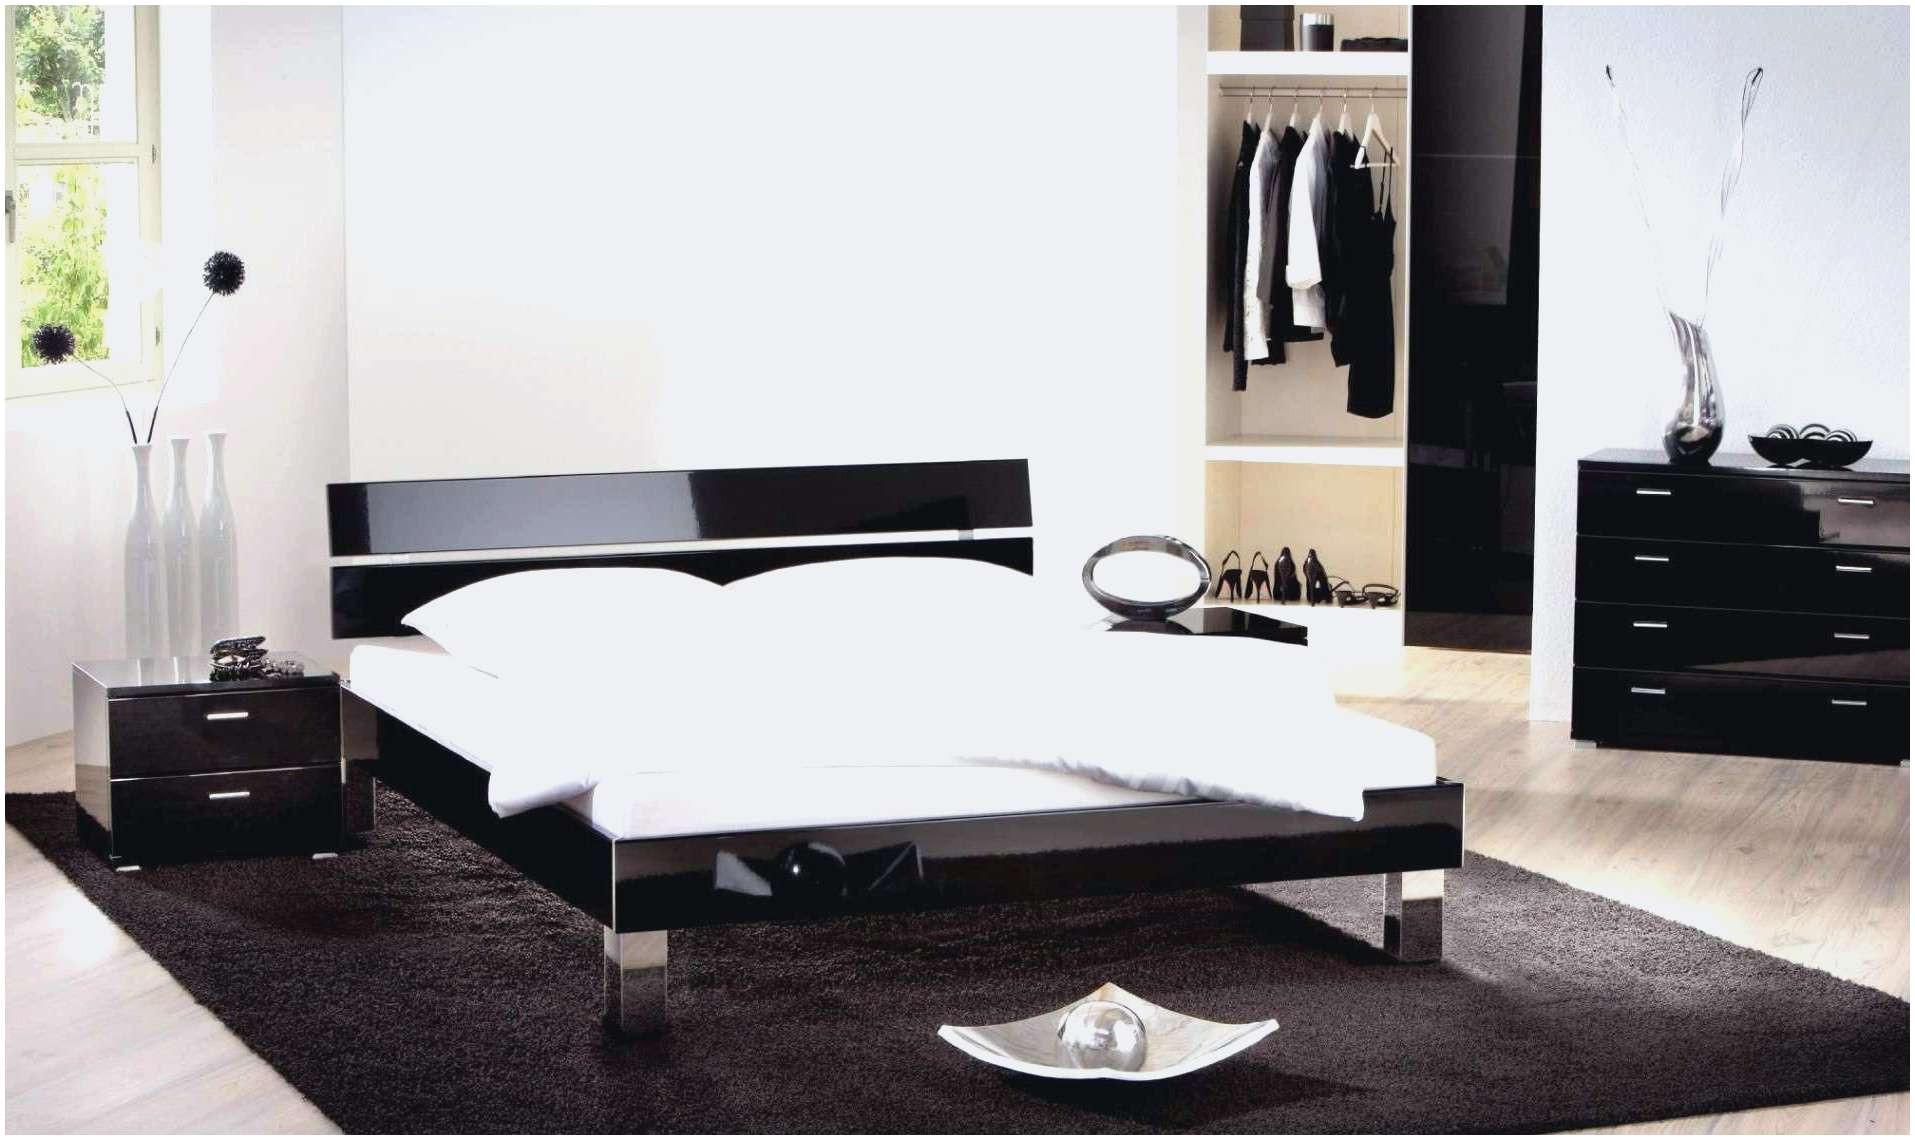 le meilleur de 24 neu ikea schlafzimmer inspiration pour choix lampe design ikea lampe design ikea